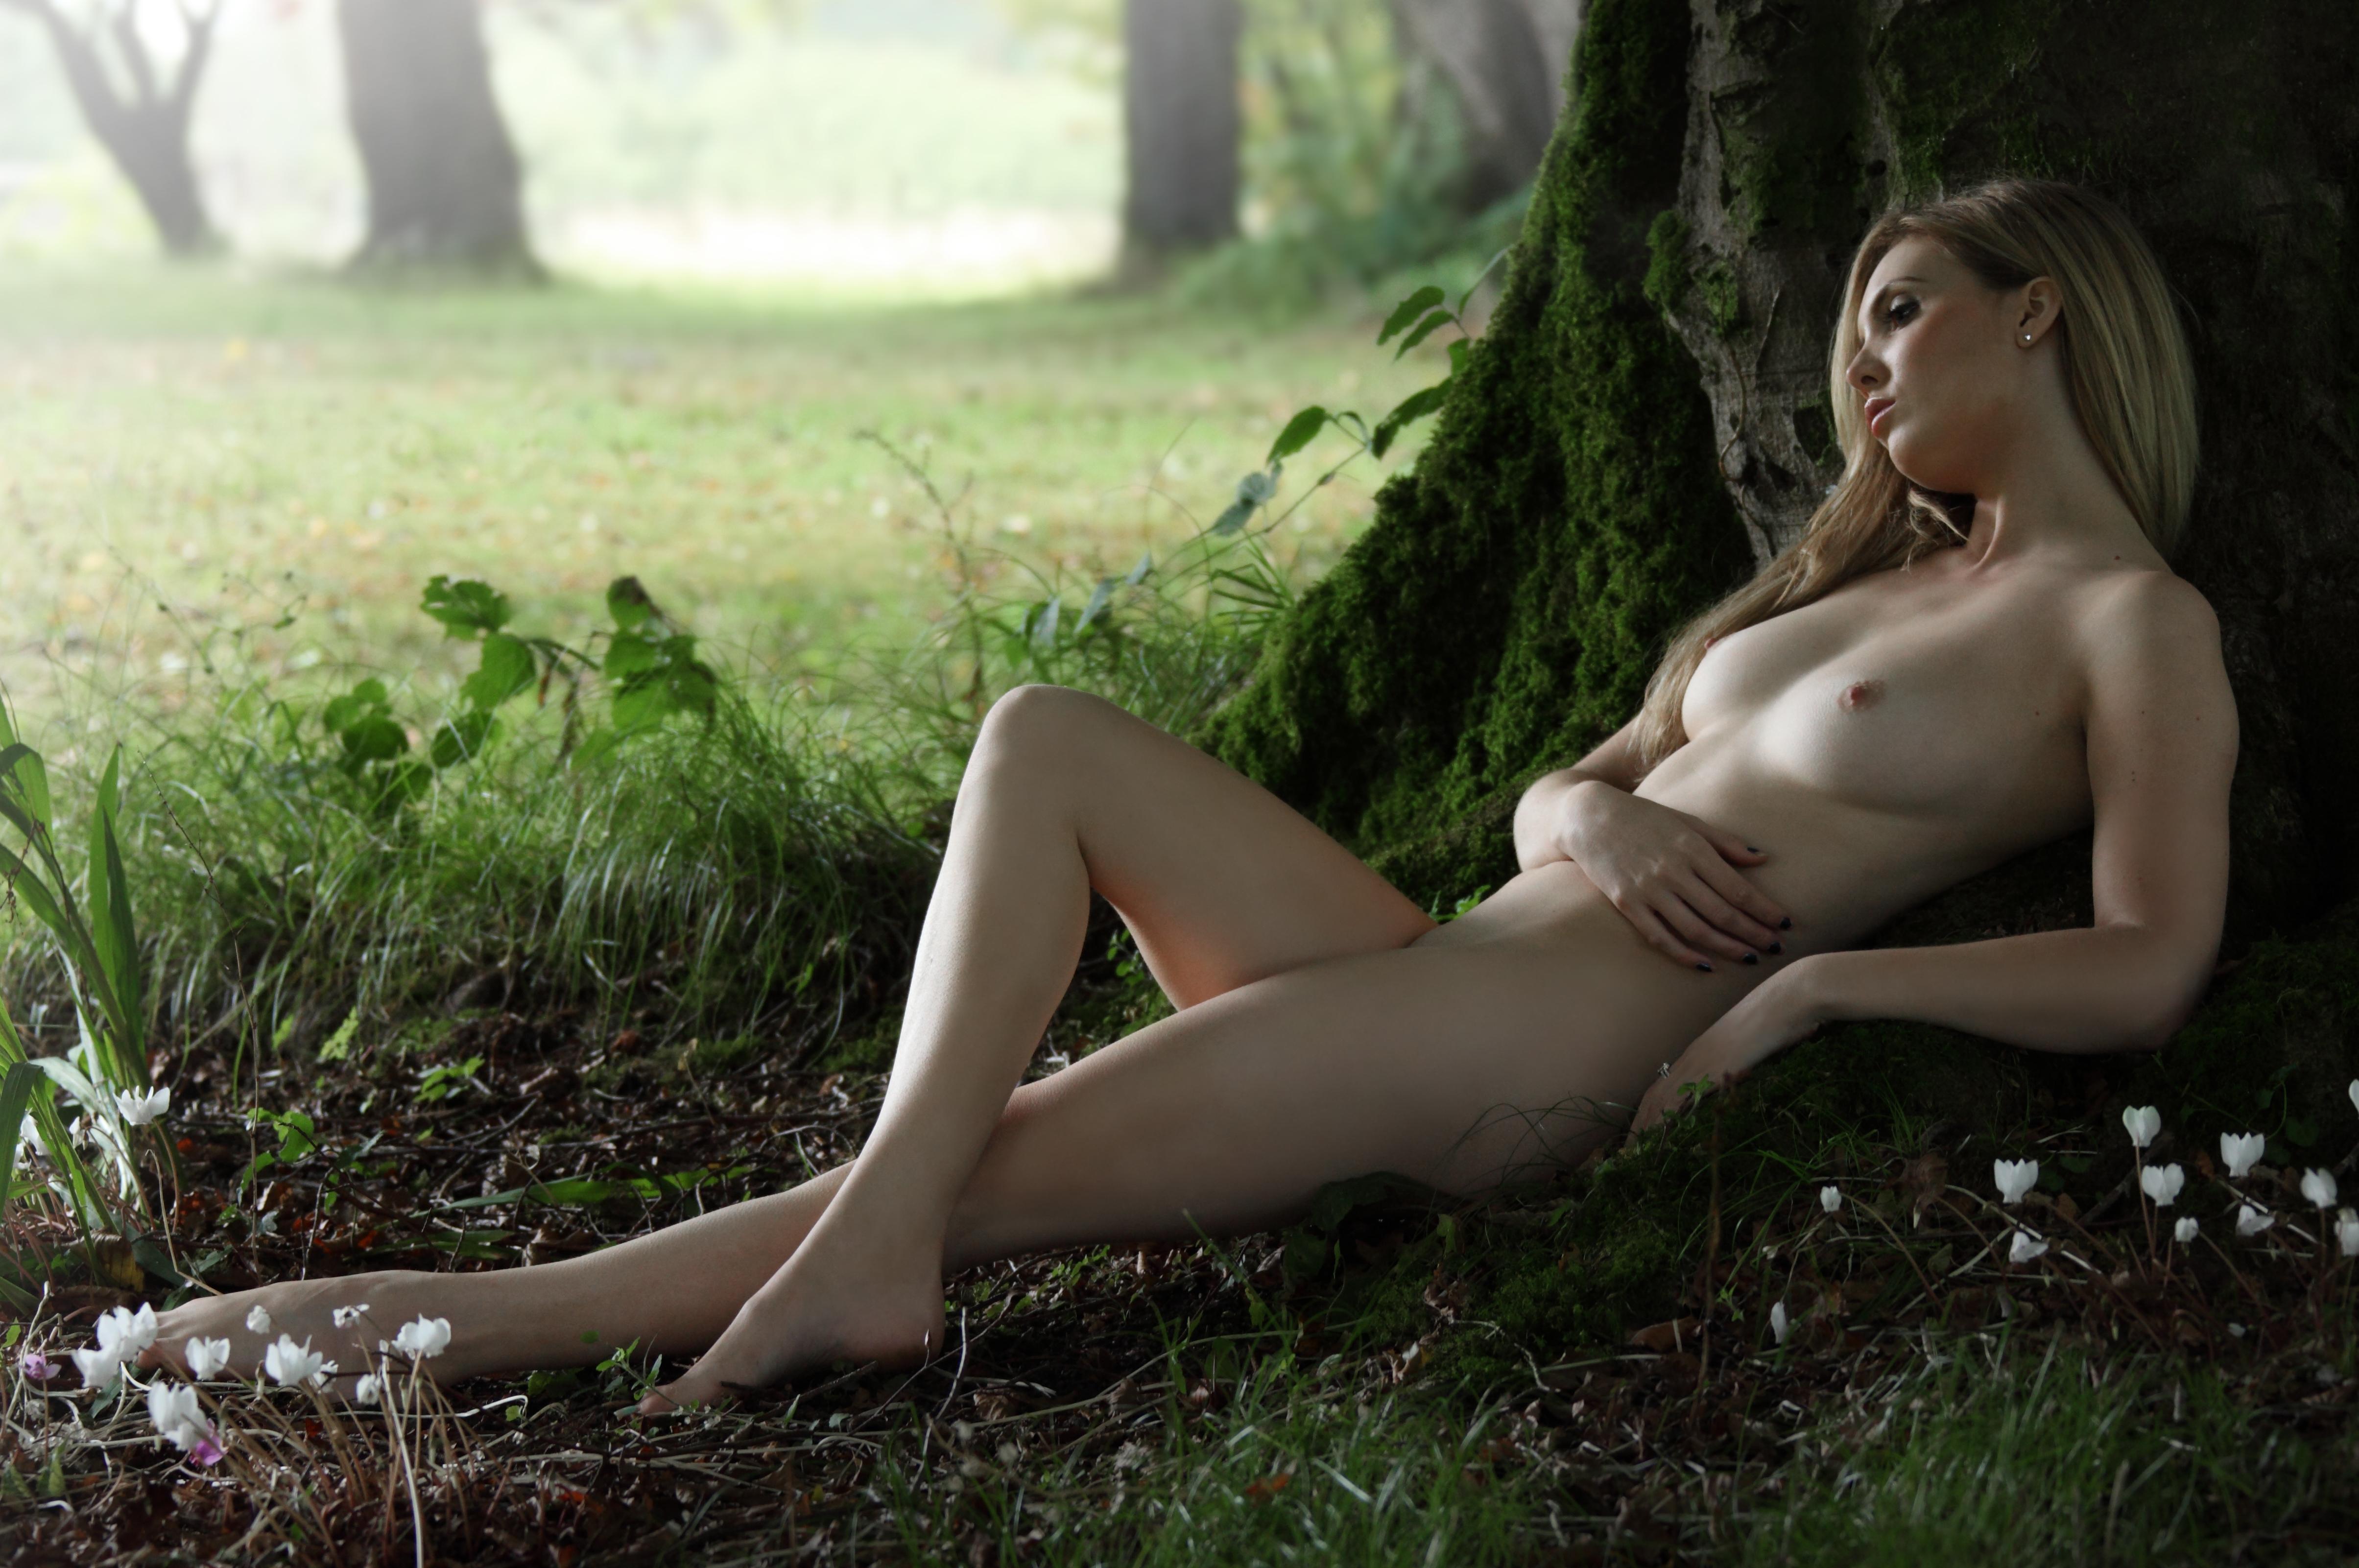 nude-women-in-swamps